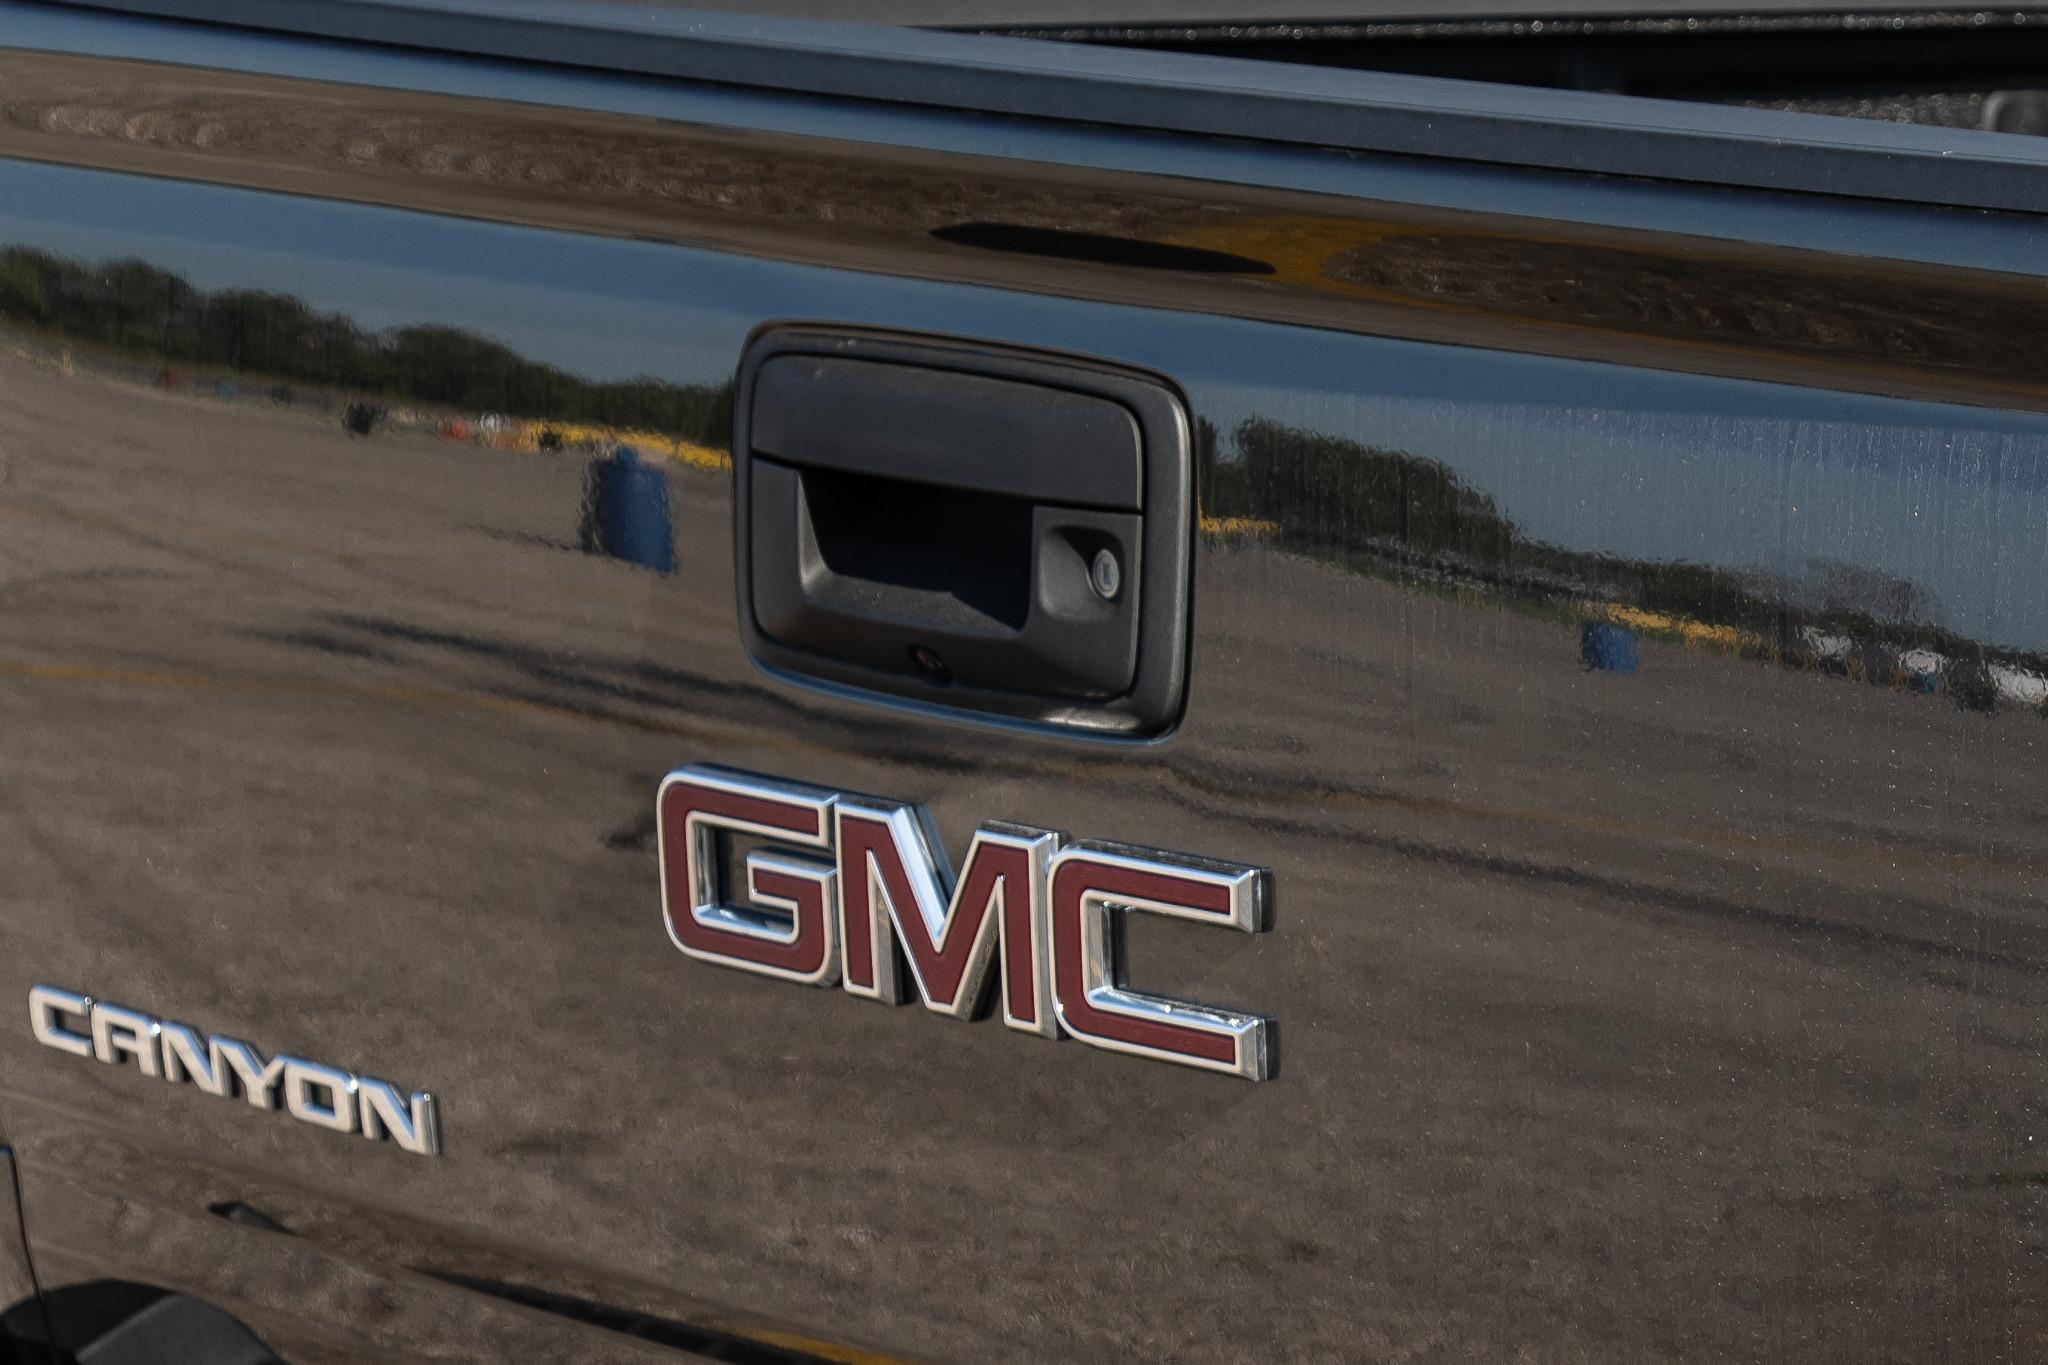 gmc-canyon-2019-19-badge--brown--exterior--rear.jpg